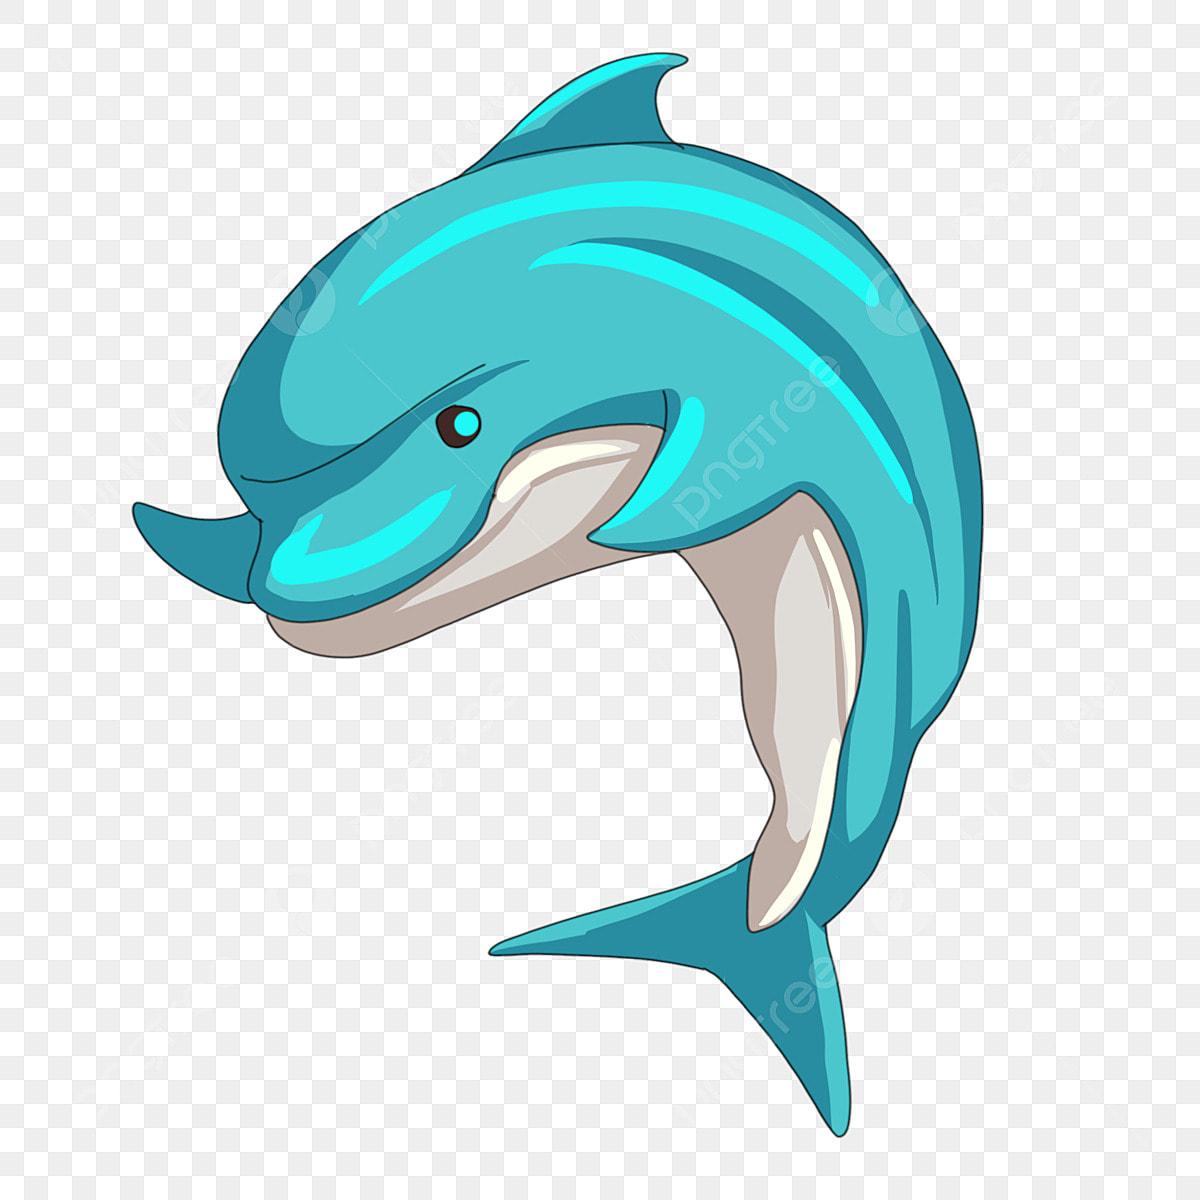 Gambar Lumba Lumba Haiwan Ikan Ilustrasi Kartun Lumba Lumba Laut Png Dan Psd Untuk Muat Turun Percuma